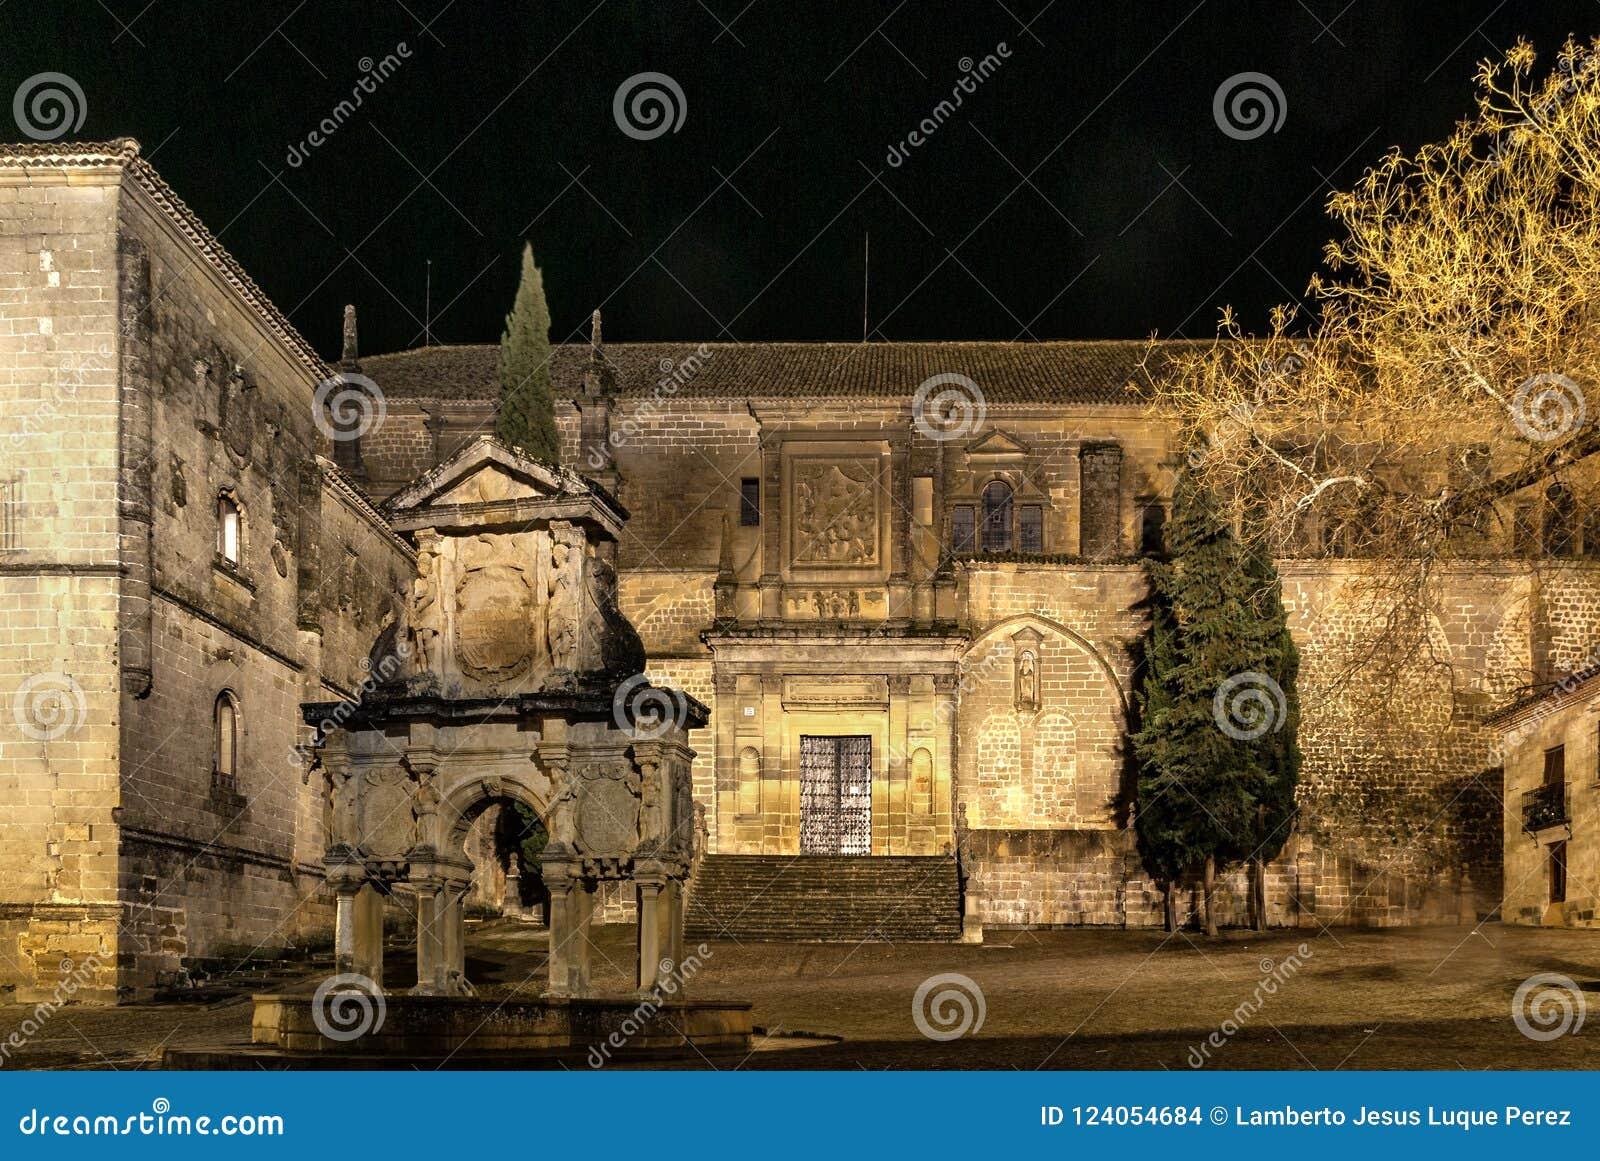 Renaissancekathedraal van de Geboorte van Christus van Onze Dame in Baeza, Jaen